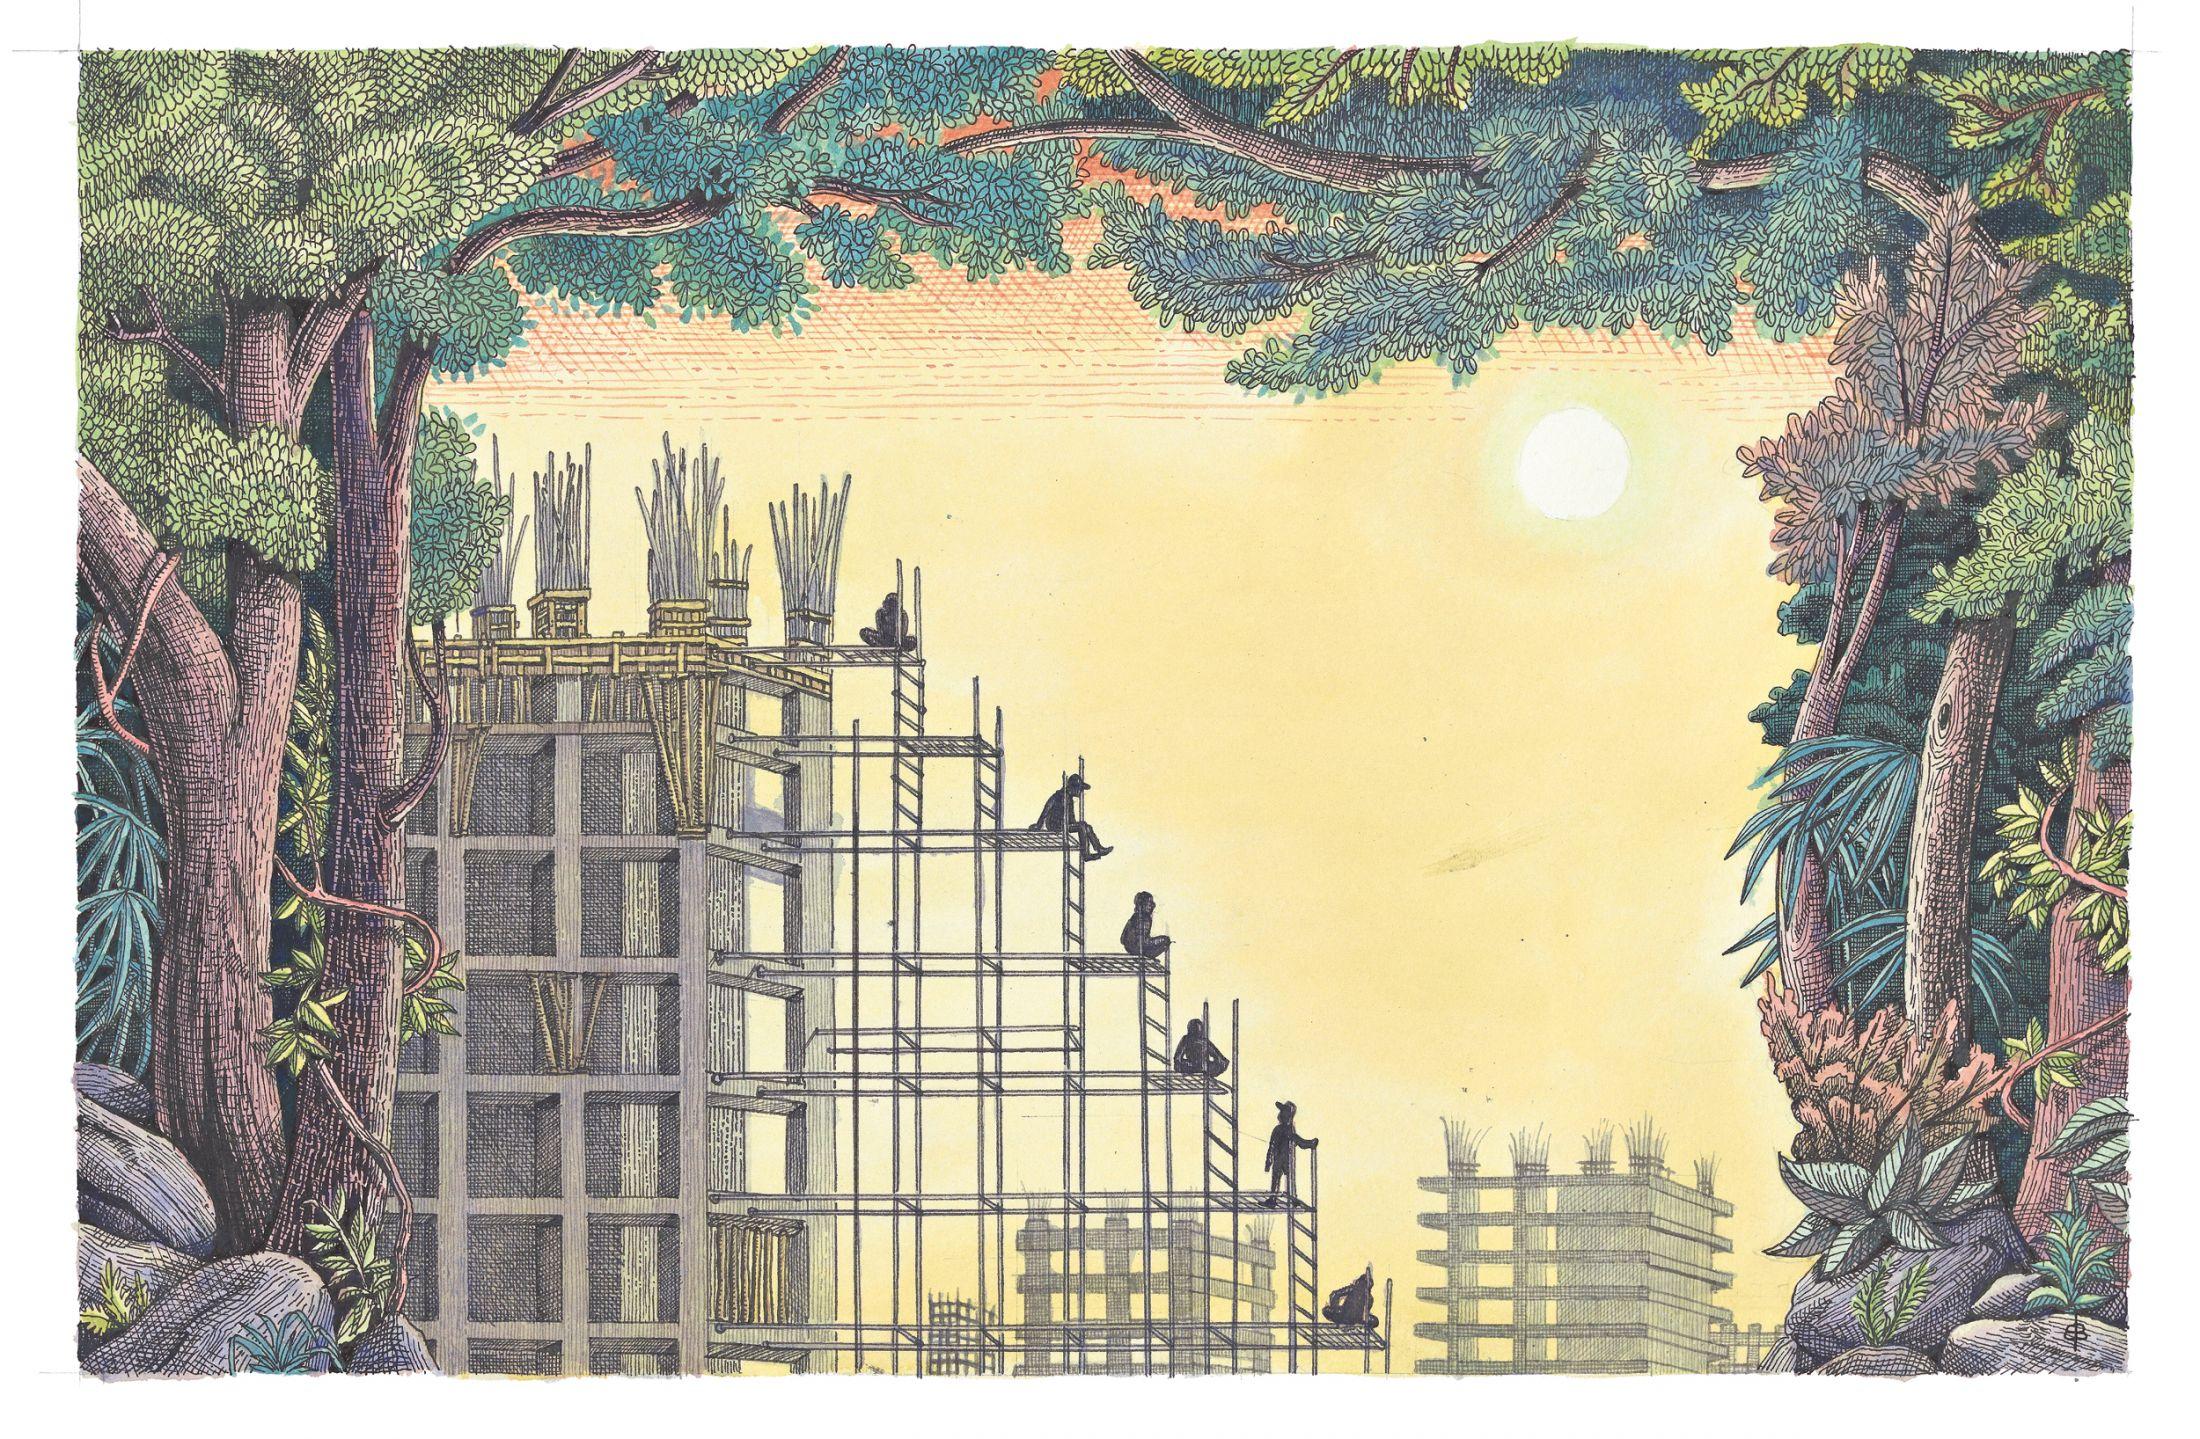 Edouard Baribeaud, la mitologia nella vita di tutti i giorni | Collater.al 1